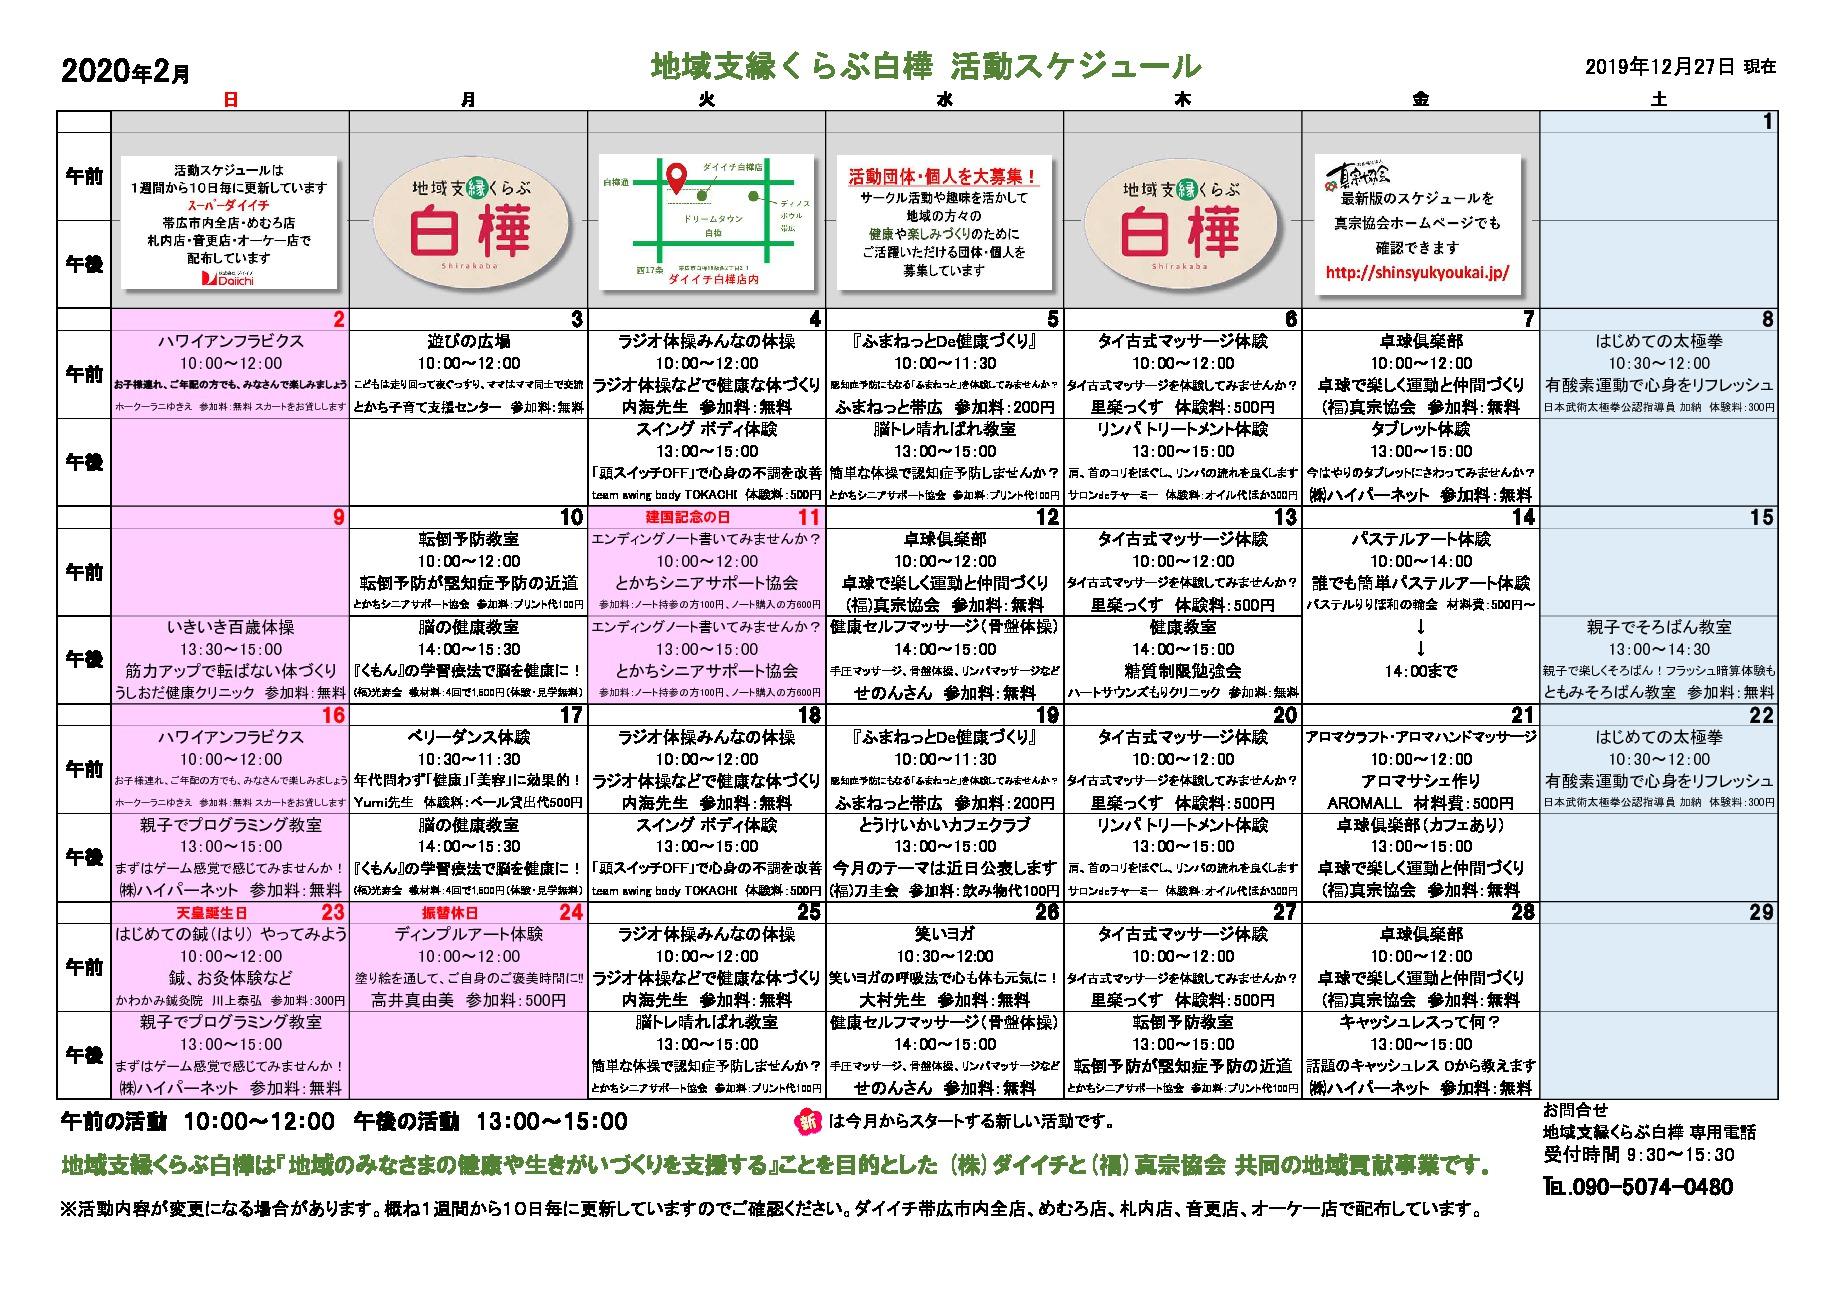 2019活動スケジュール2(2019.12.27付)のサムネイル